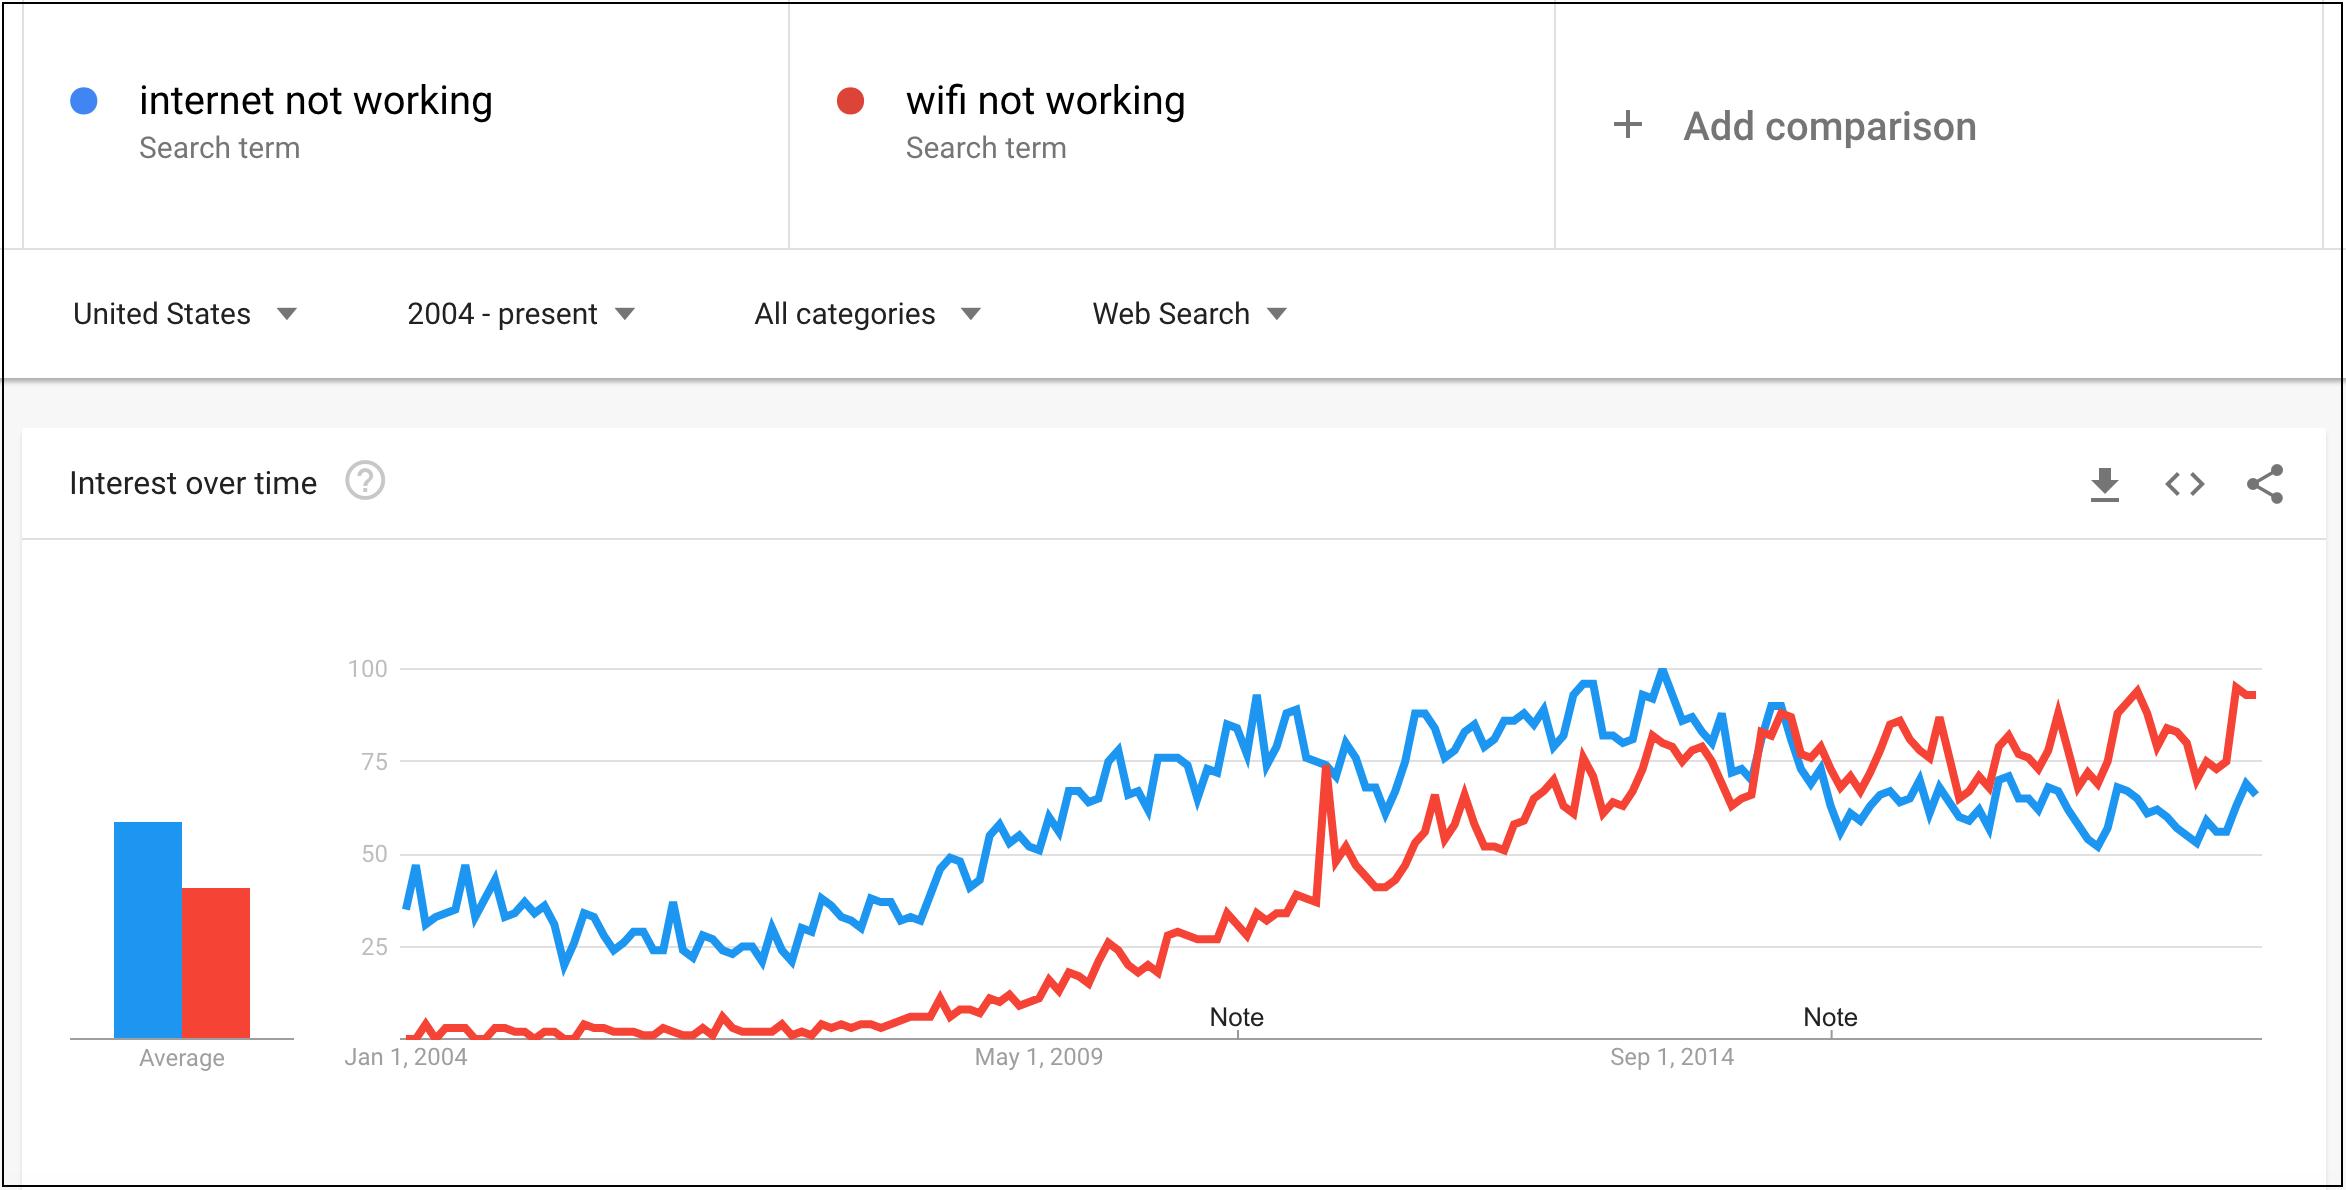 Google Trends Search Volume Comparison: WiFi vs. Internet